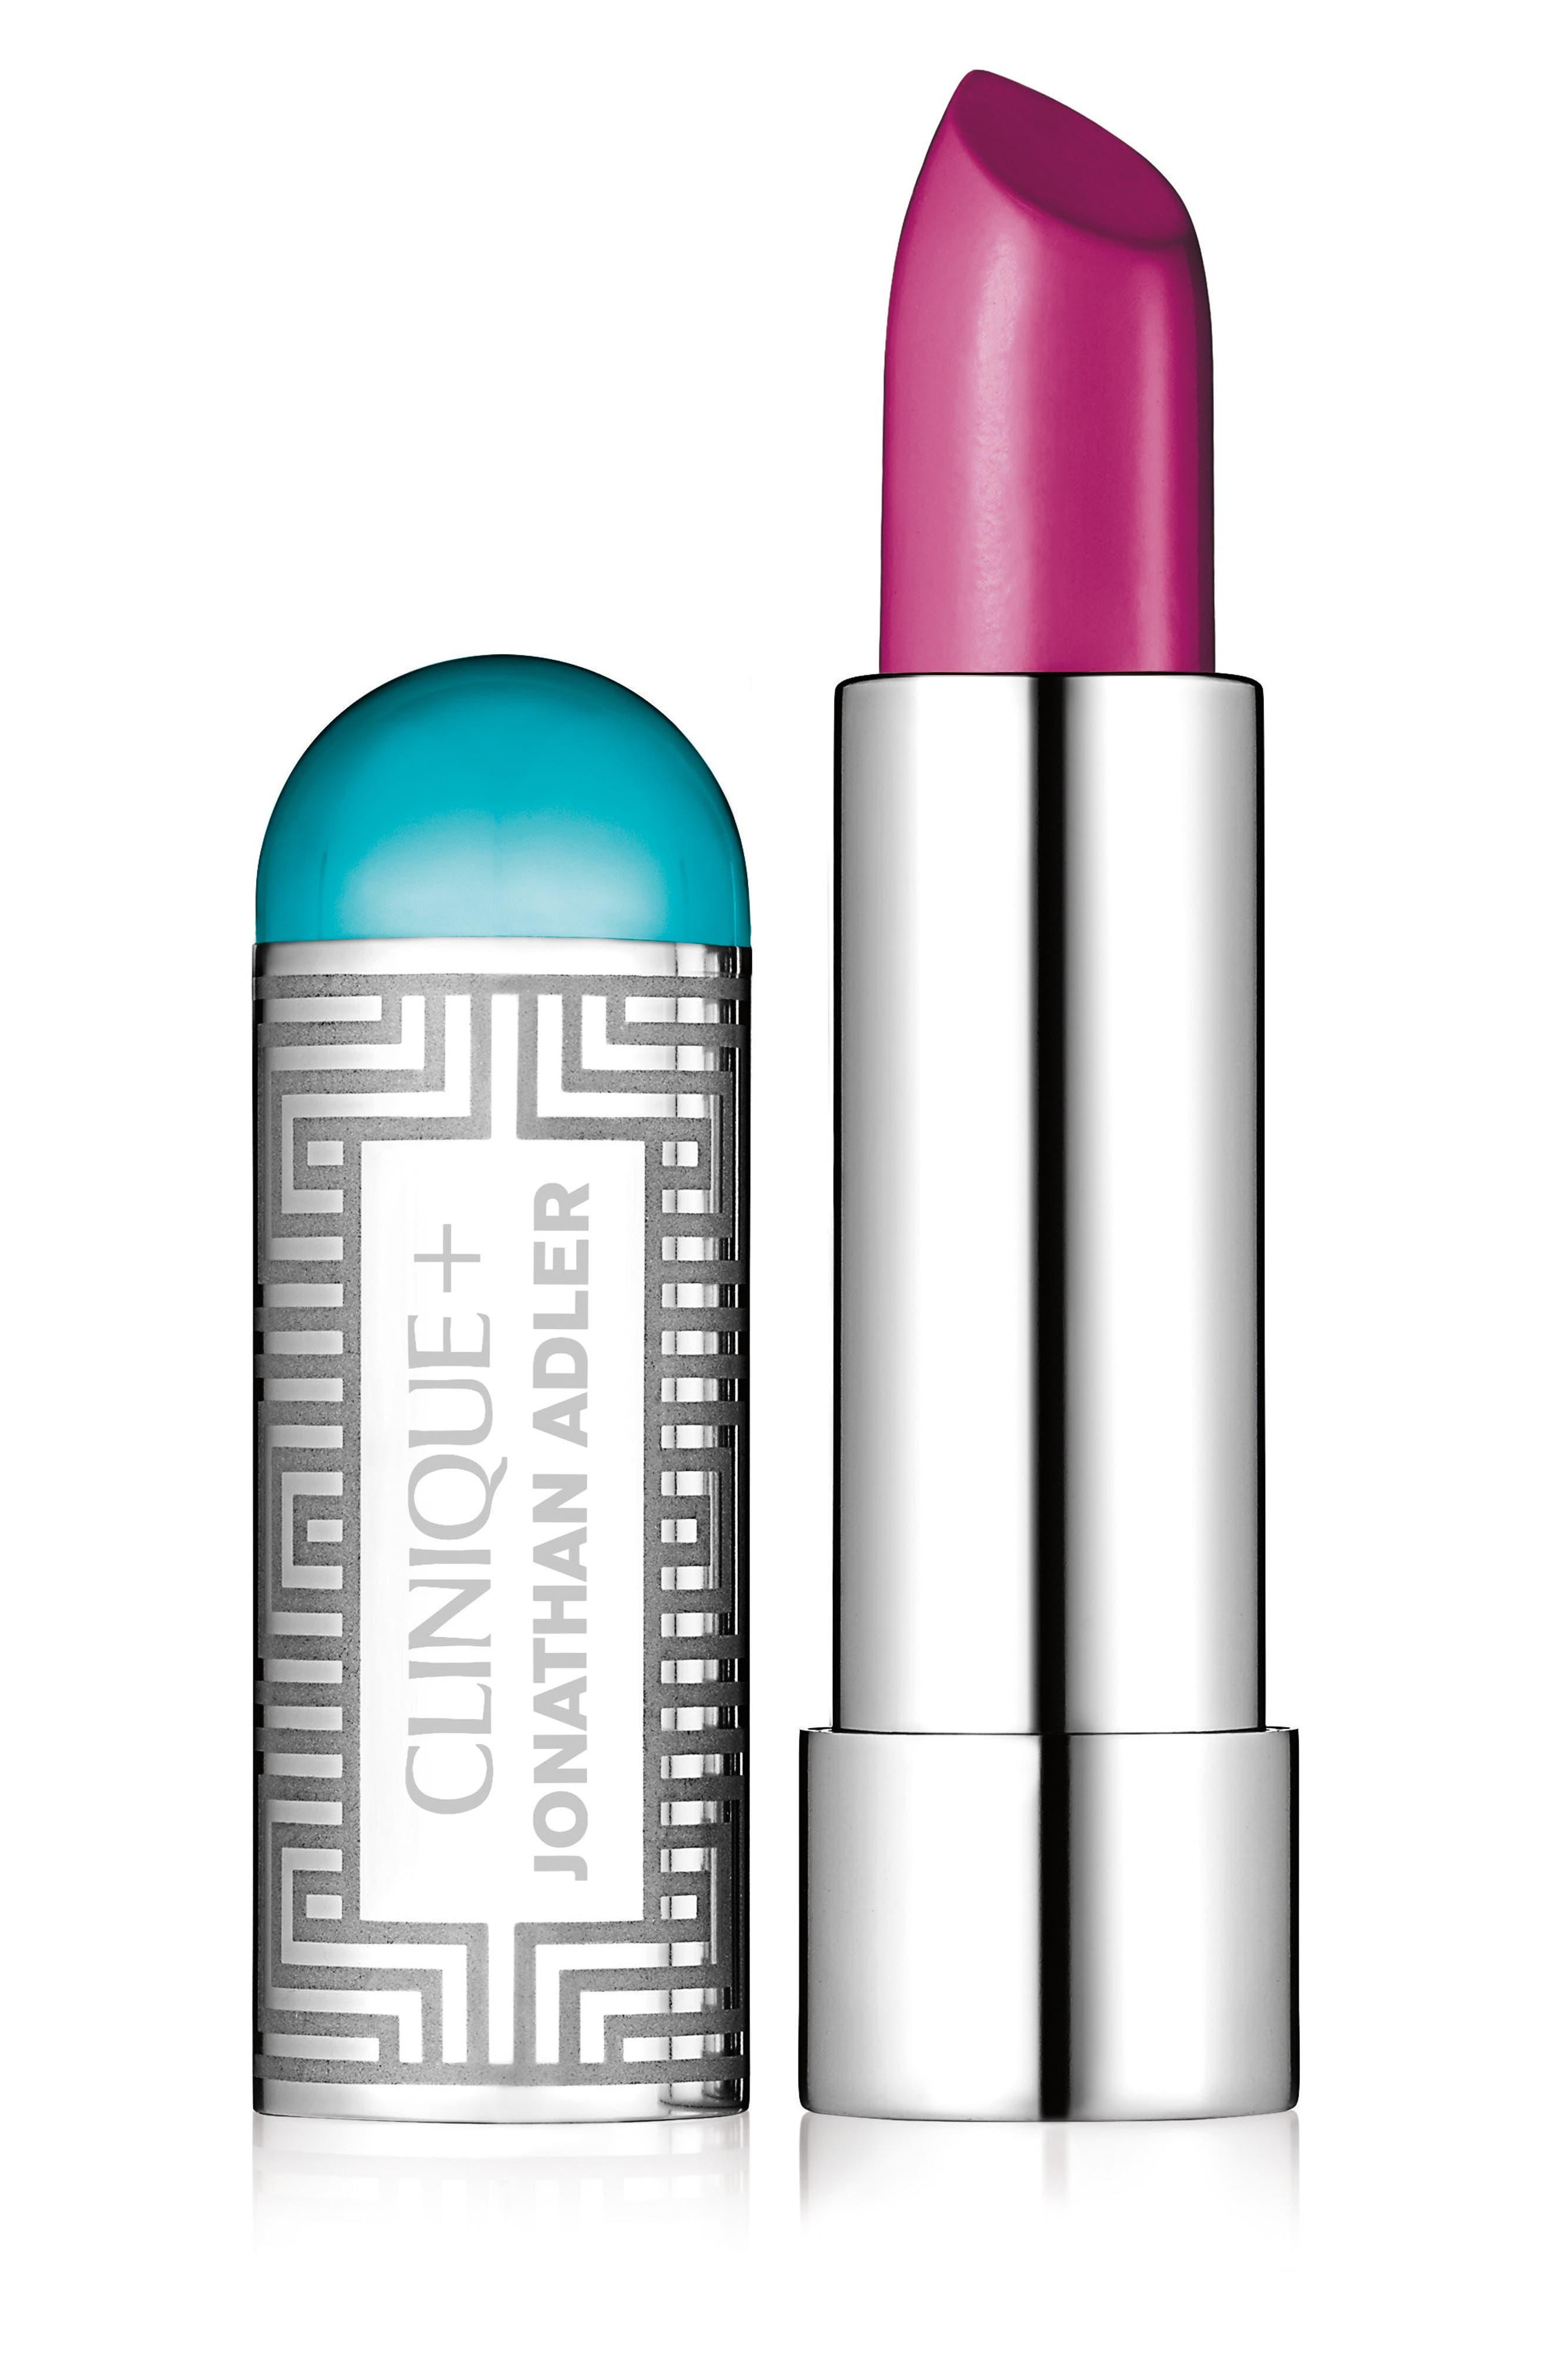 Clinique Jonathan Adler Pop Lip Color + Primer (Limited Edition)